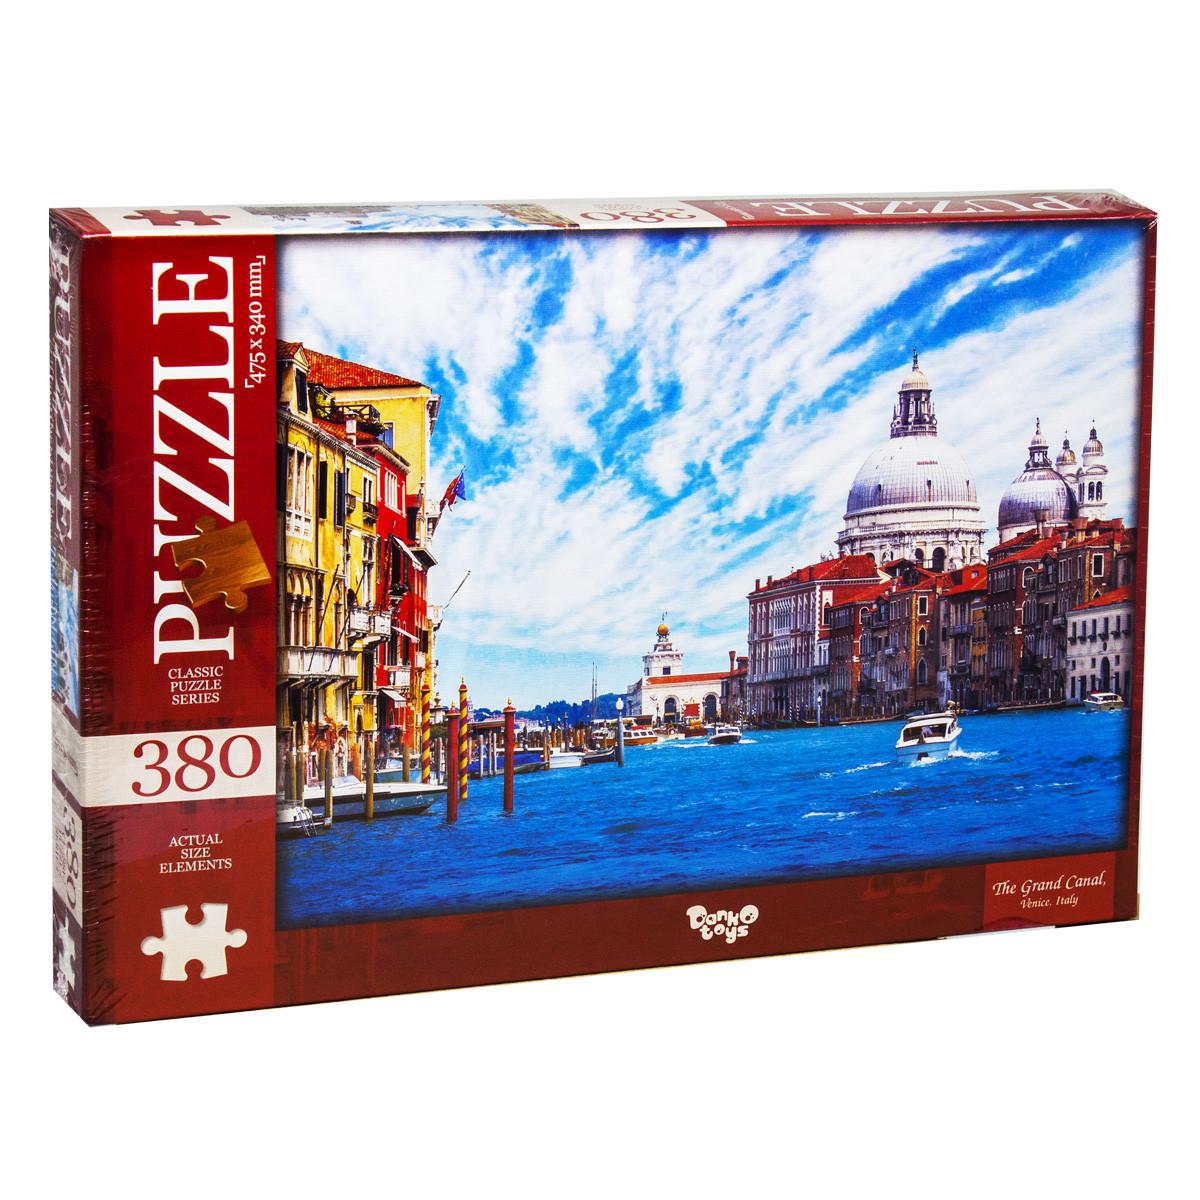 Пазлы Гранд-канал, Венеция, Италия 380 эл Dankotoys